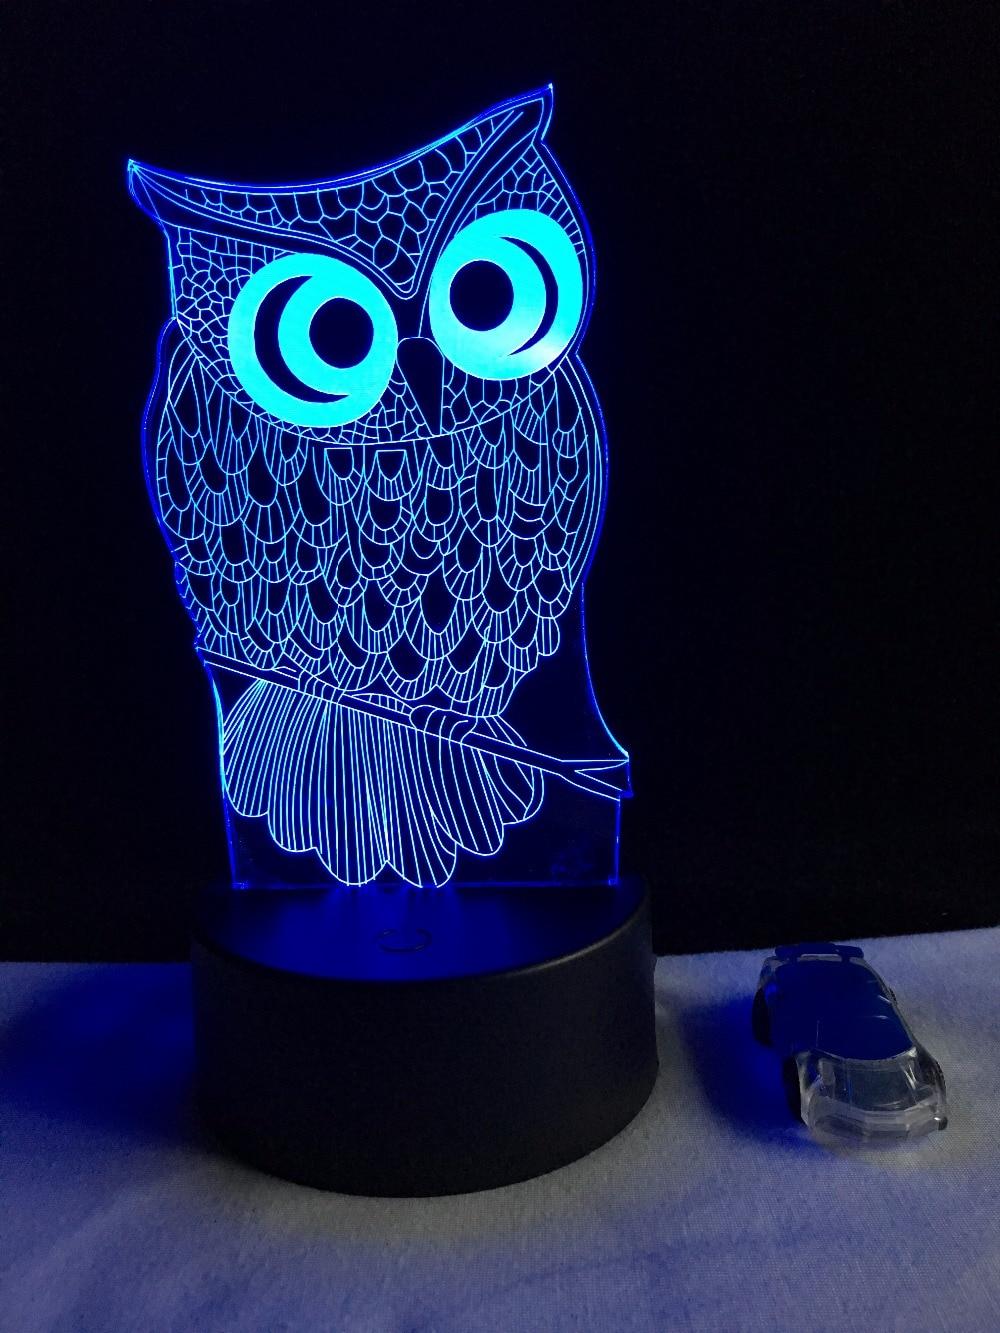 Luzes da Noite lâmpada de mesa luz da Function 2 : Led Bulb/holiday Novelty Lighting/night Light